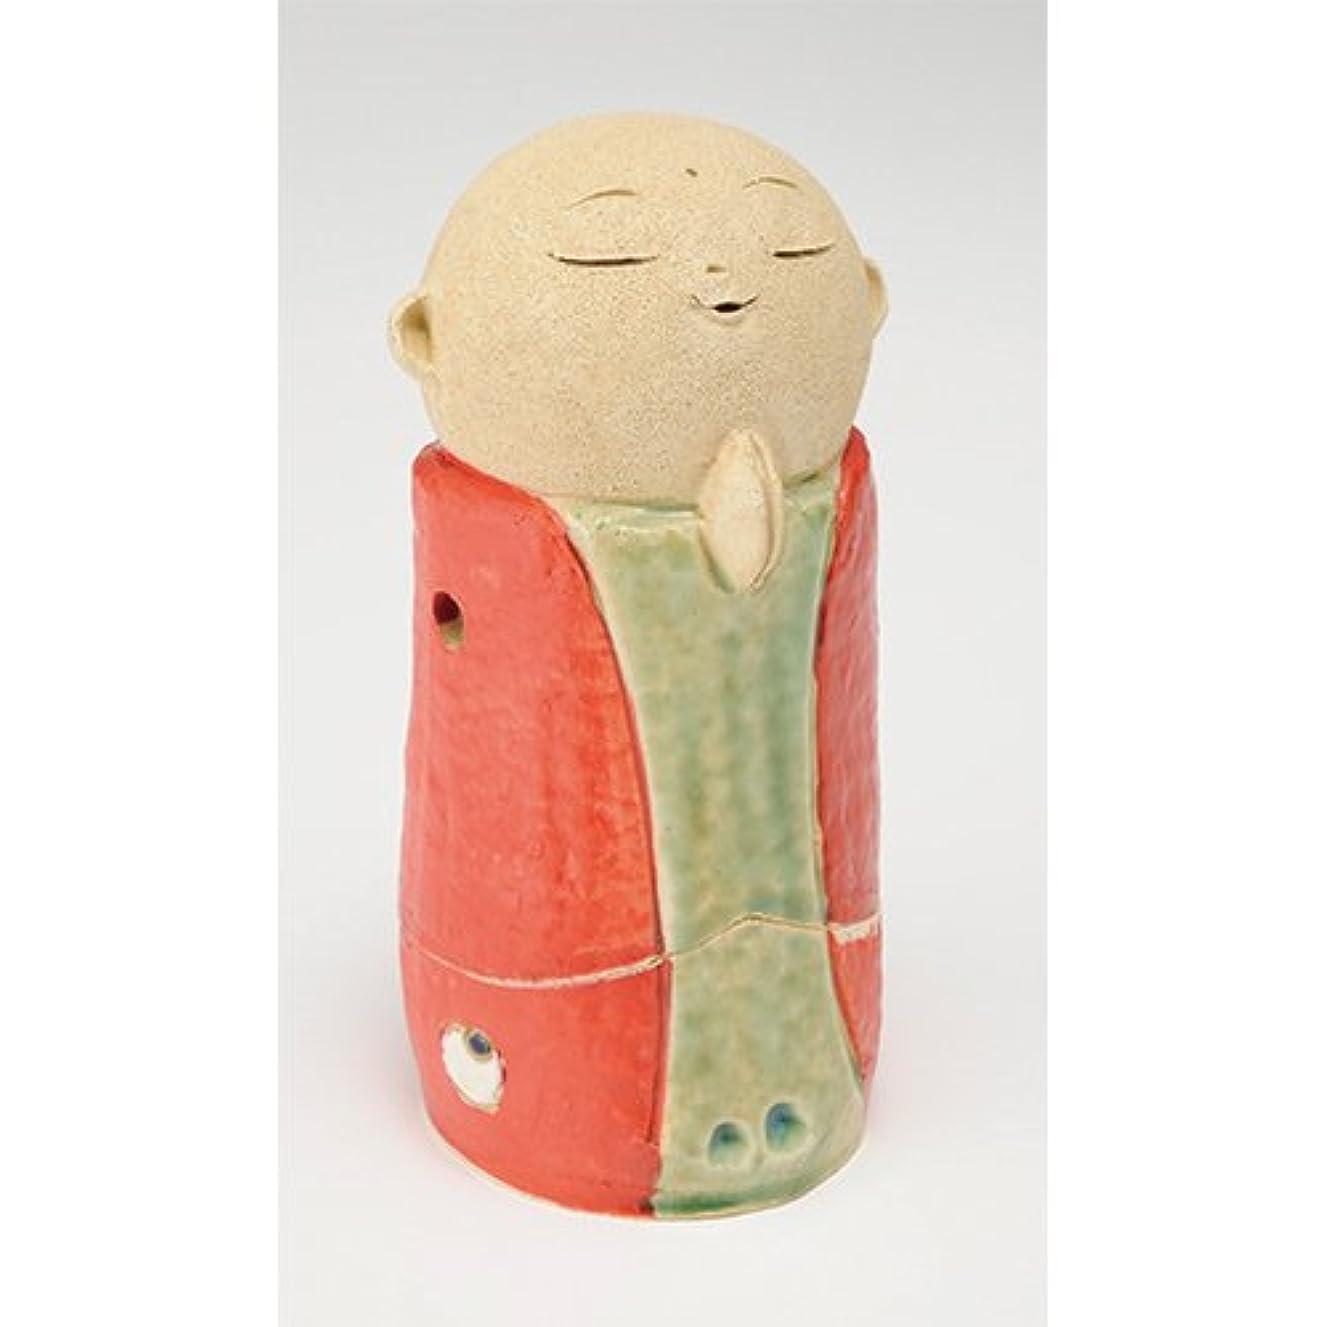 尋ねる民族主義名声お地蔵様 香炉シリーズ 赤 お地蔵様 香炉 5.3寸(大) [H16cm] HANDMADE プレゼント ギフト 和食器 かわいい インテリア